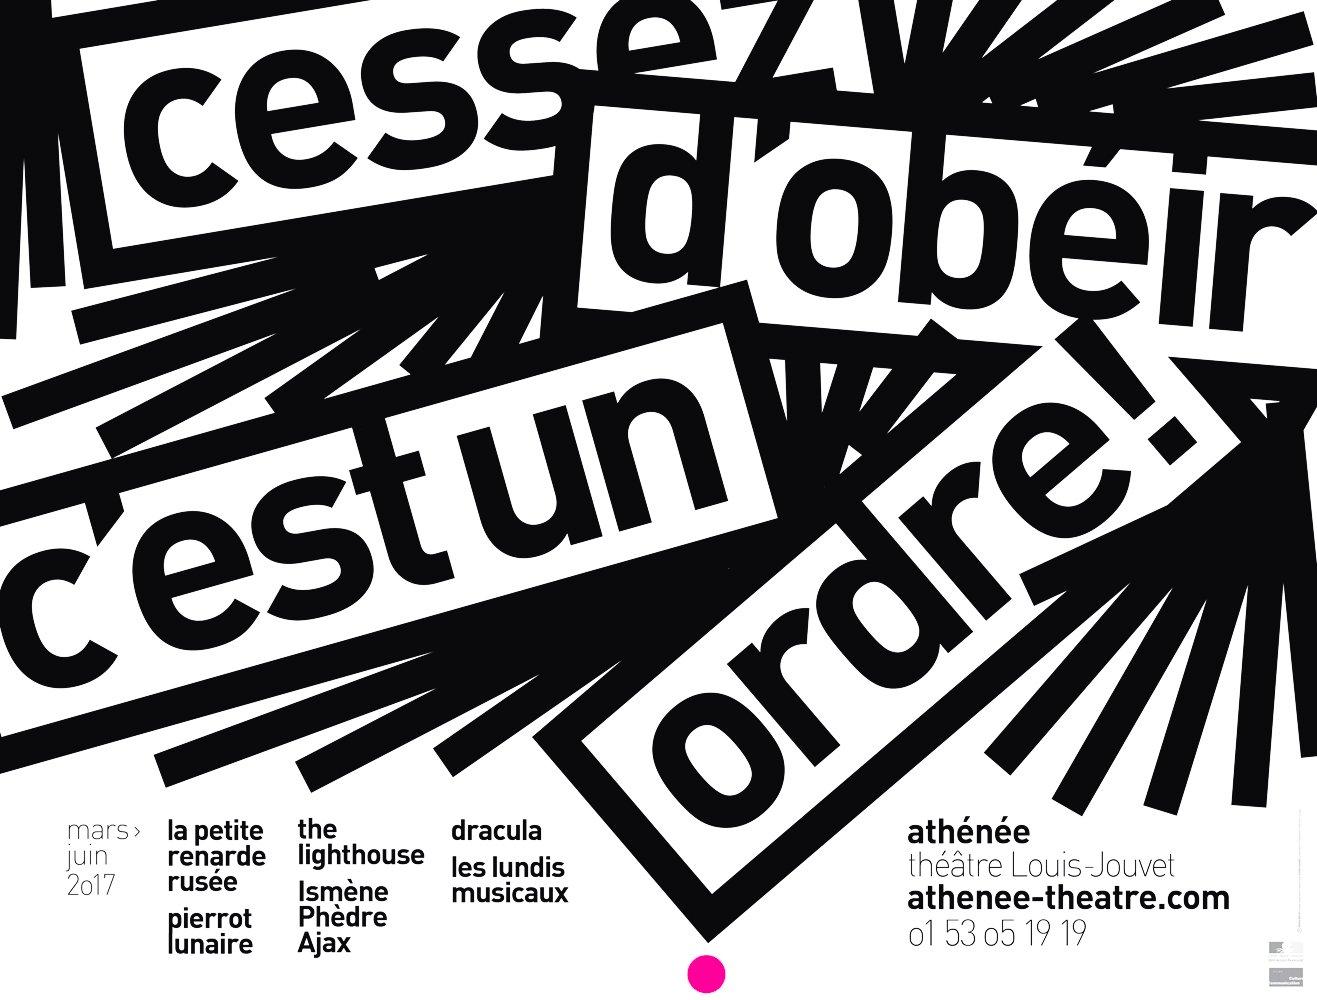 Image of Théâtre de l'Athénée - poster #1